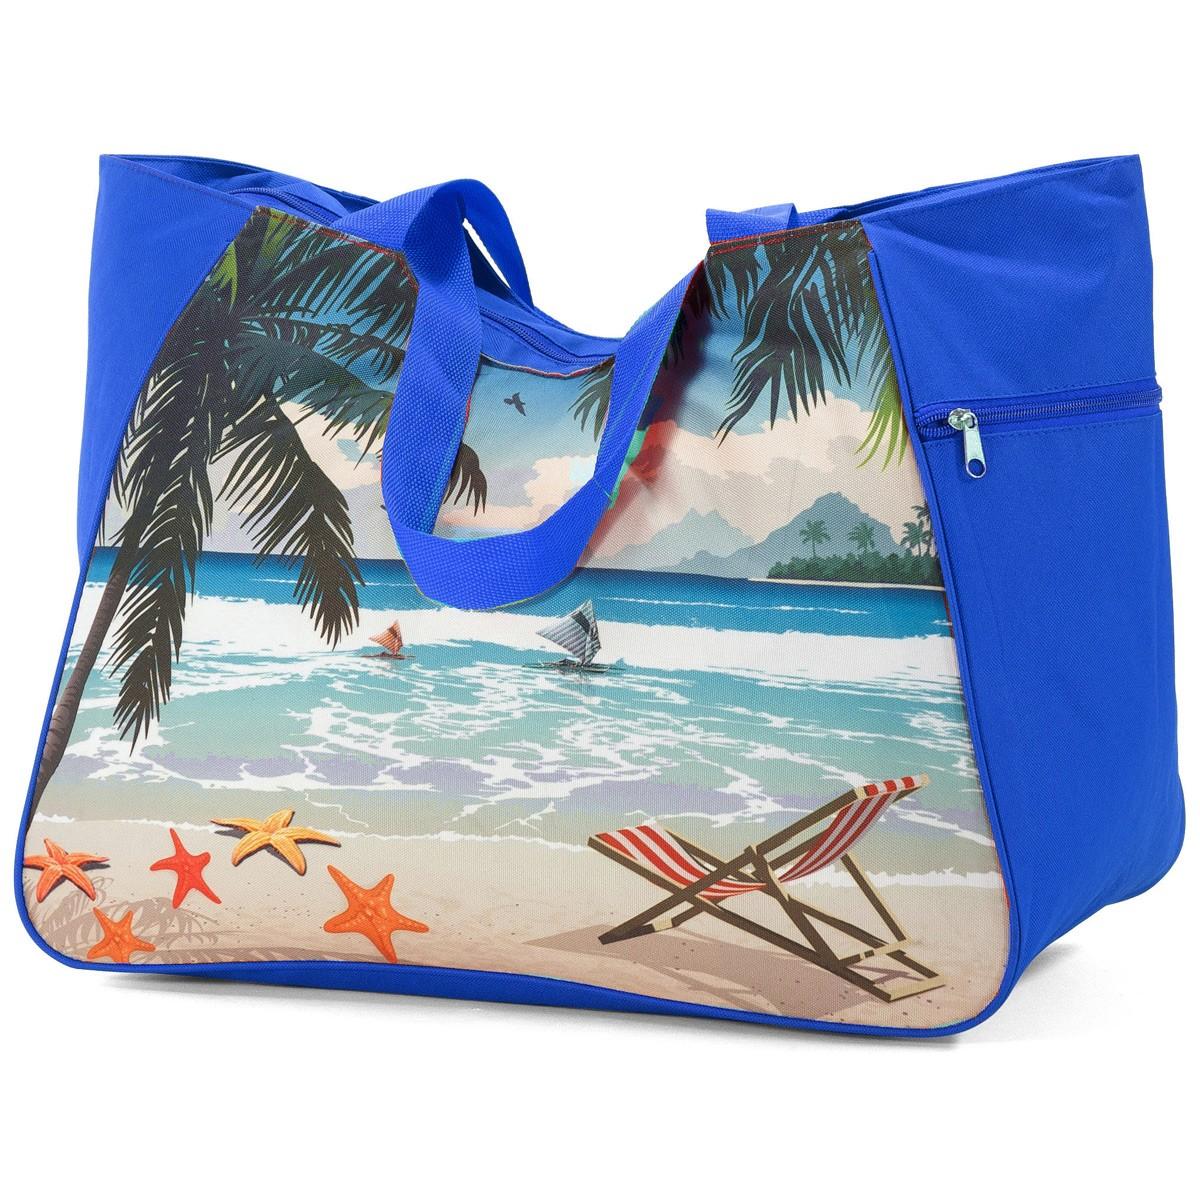 Τσάντα Παραλίας Benzi 5001 Blue